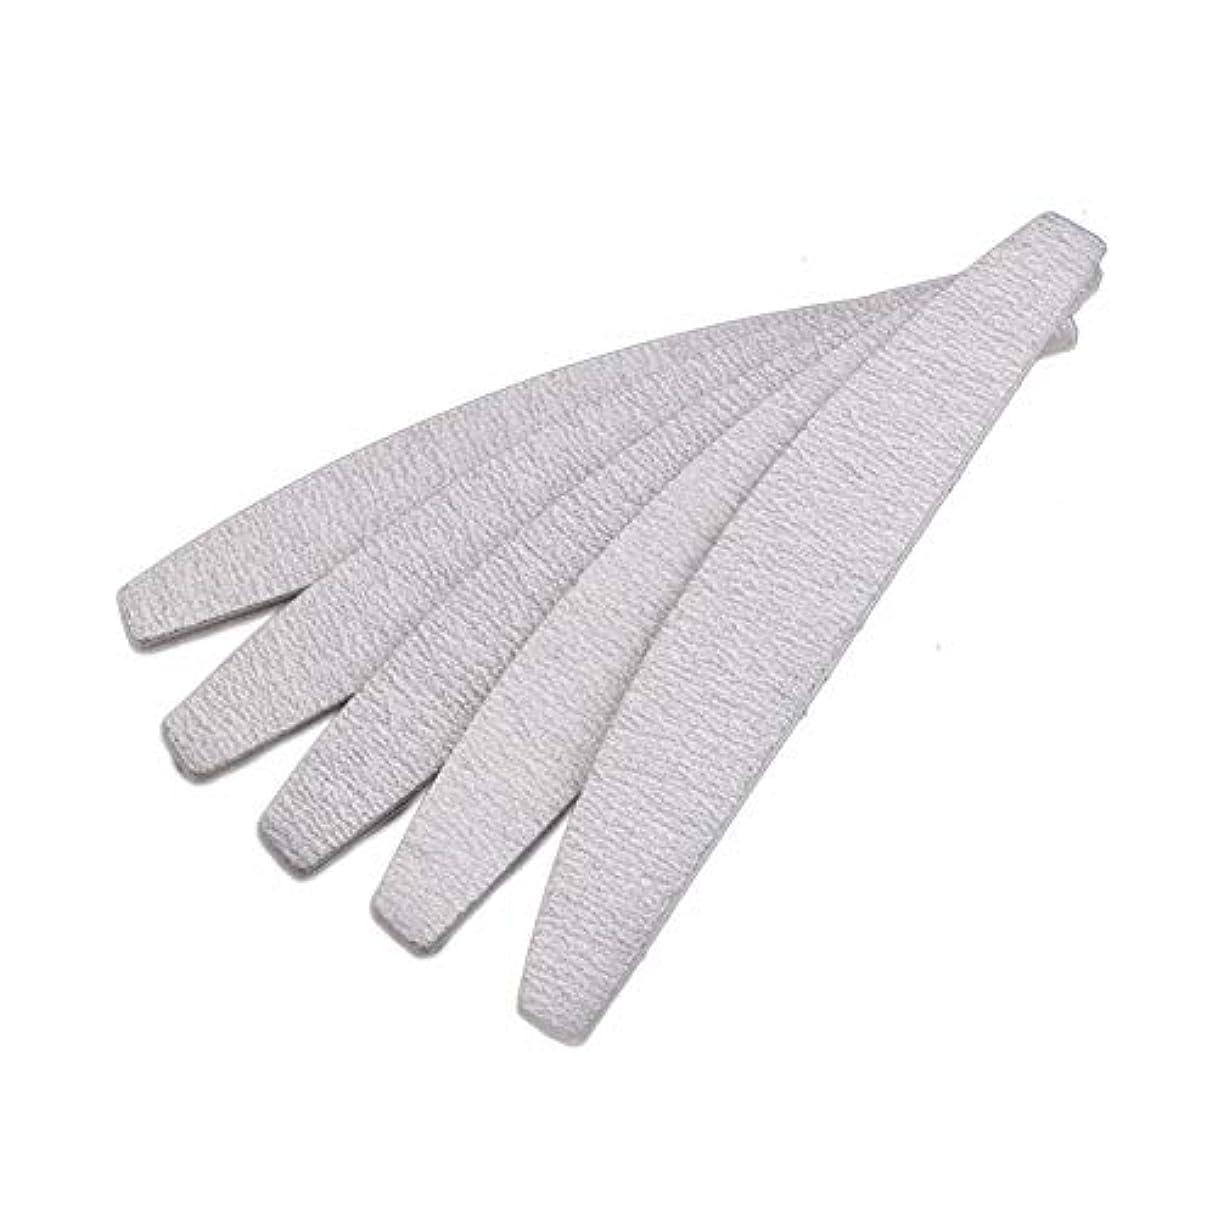 魅力的機動四面体Semoic 爪やすり ネイルファイル、D形、両面、灰白/オフホワイト、10個